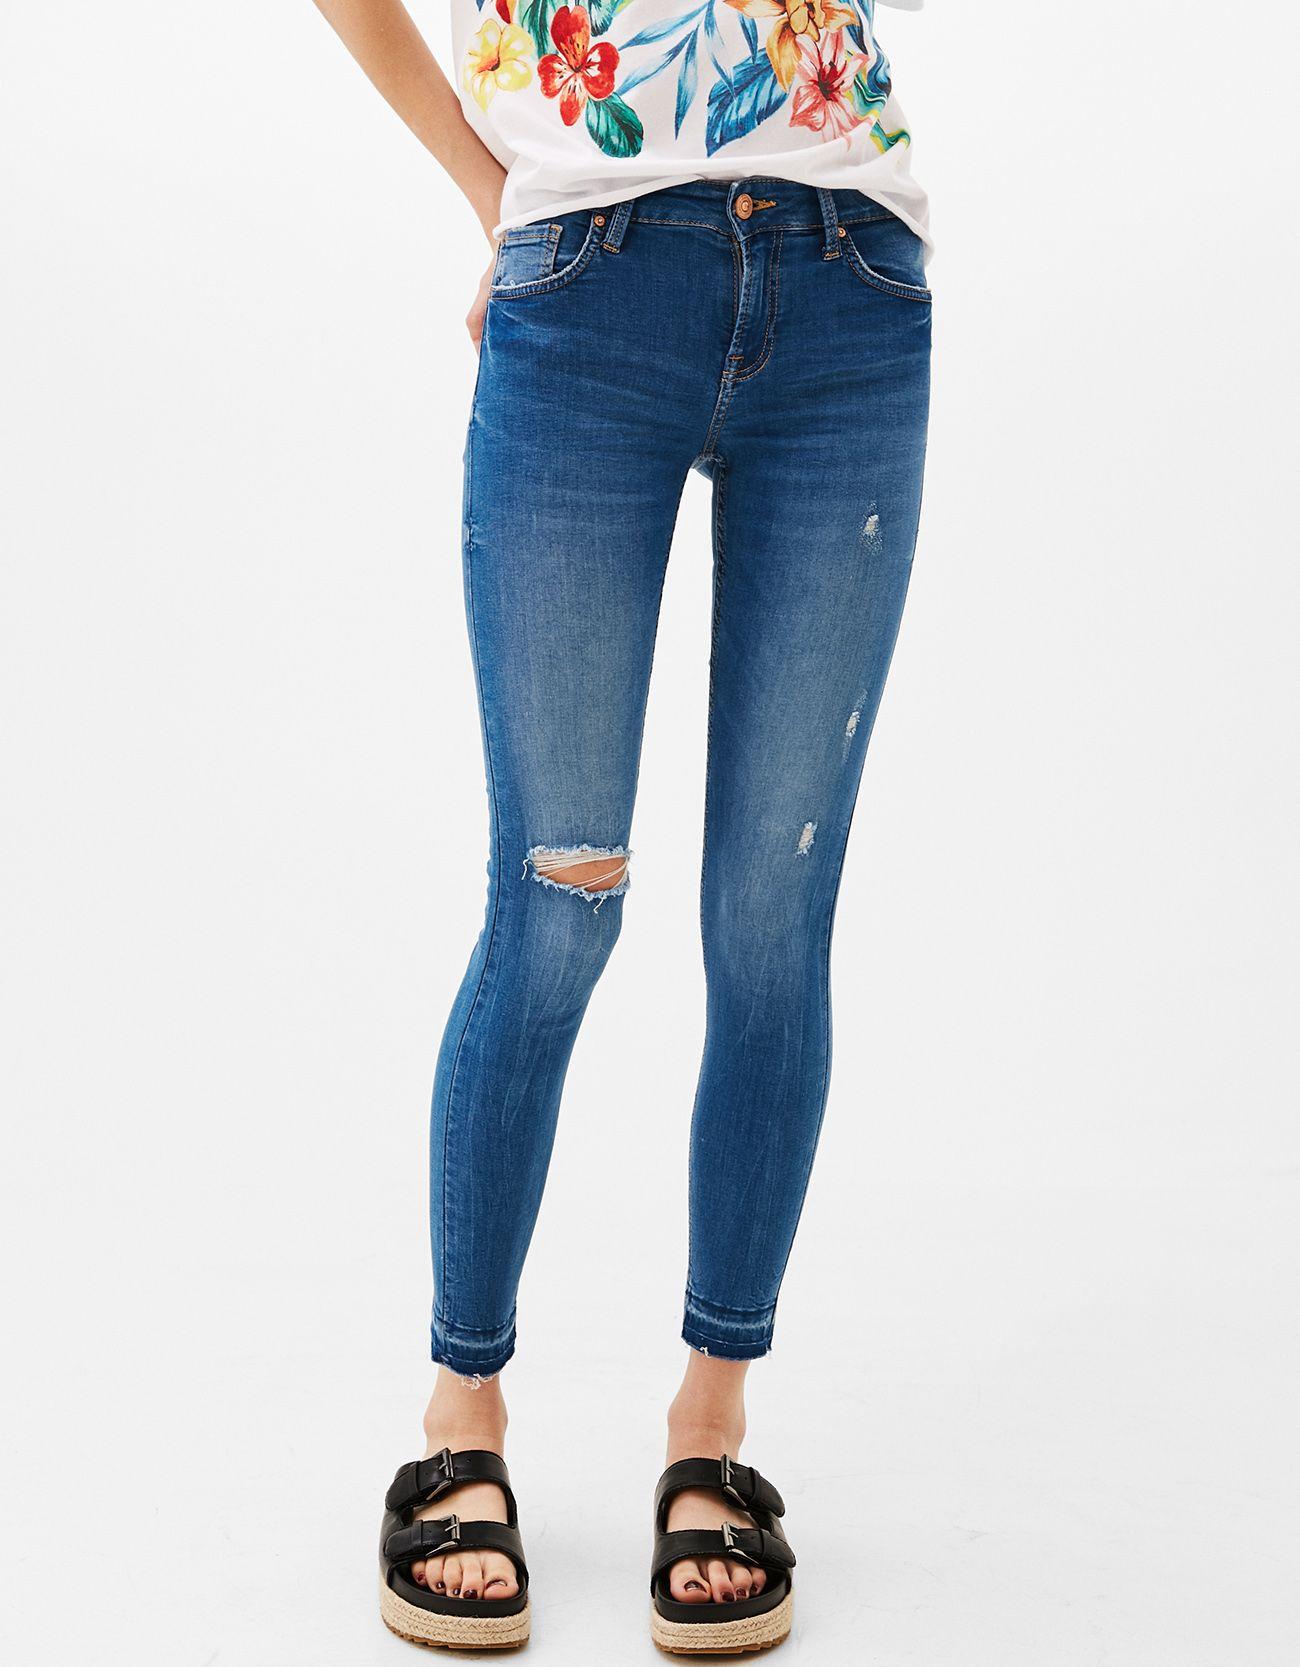 3e46b1f116 Jeans Skinny Fit. Descubre ésta y muchas otras prendas en Bershka con  nuevos productos cada semana